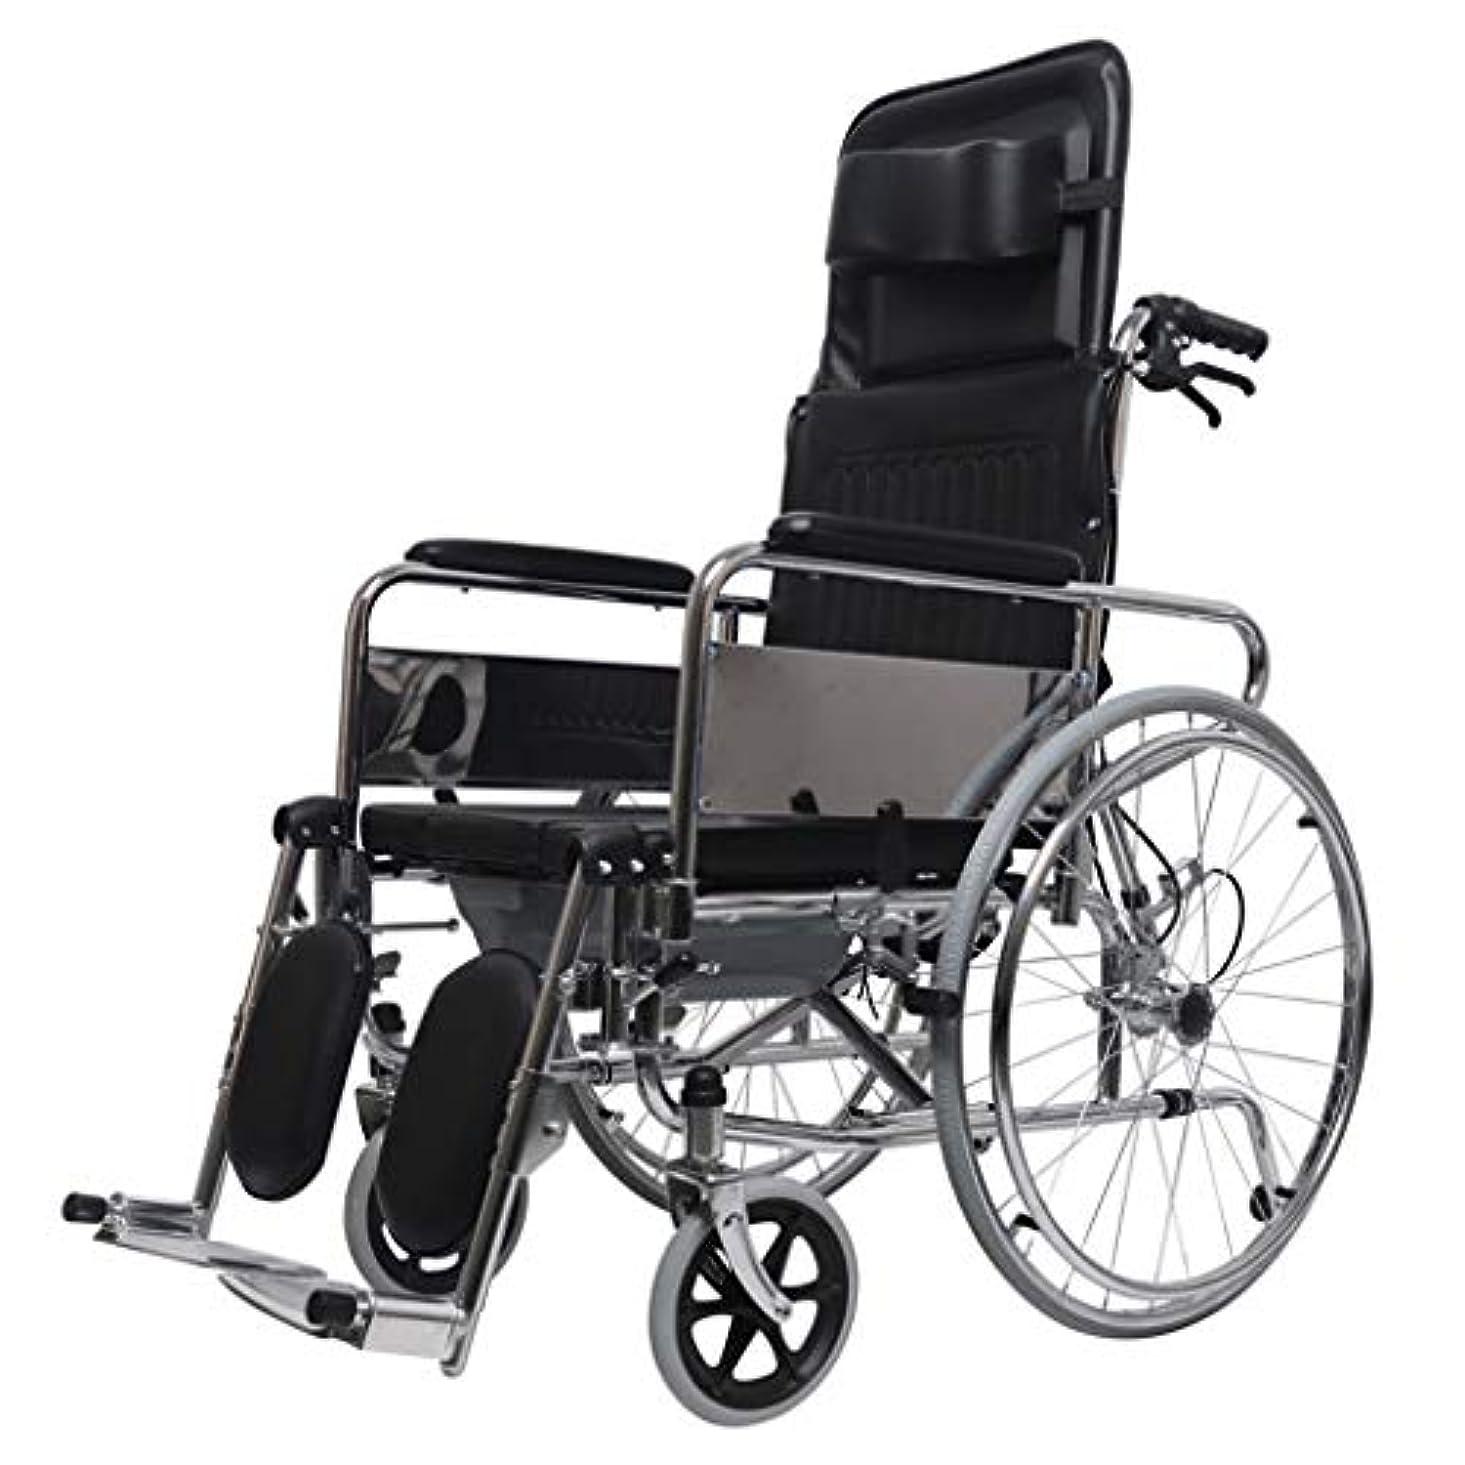 無視するマスタード慣習車椅子トロリー、ブレーキ付き多機能折りたたみ、高齢者向け車椅子、屋外旅行、優れたヘルパー